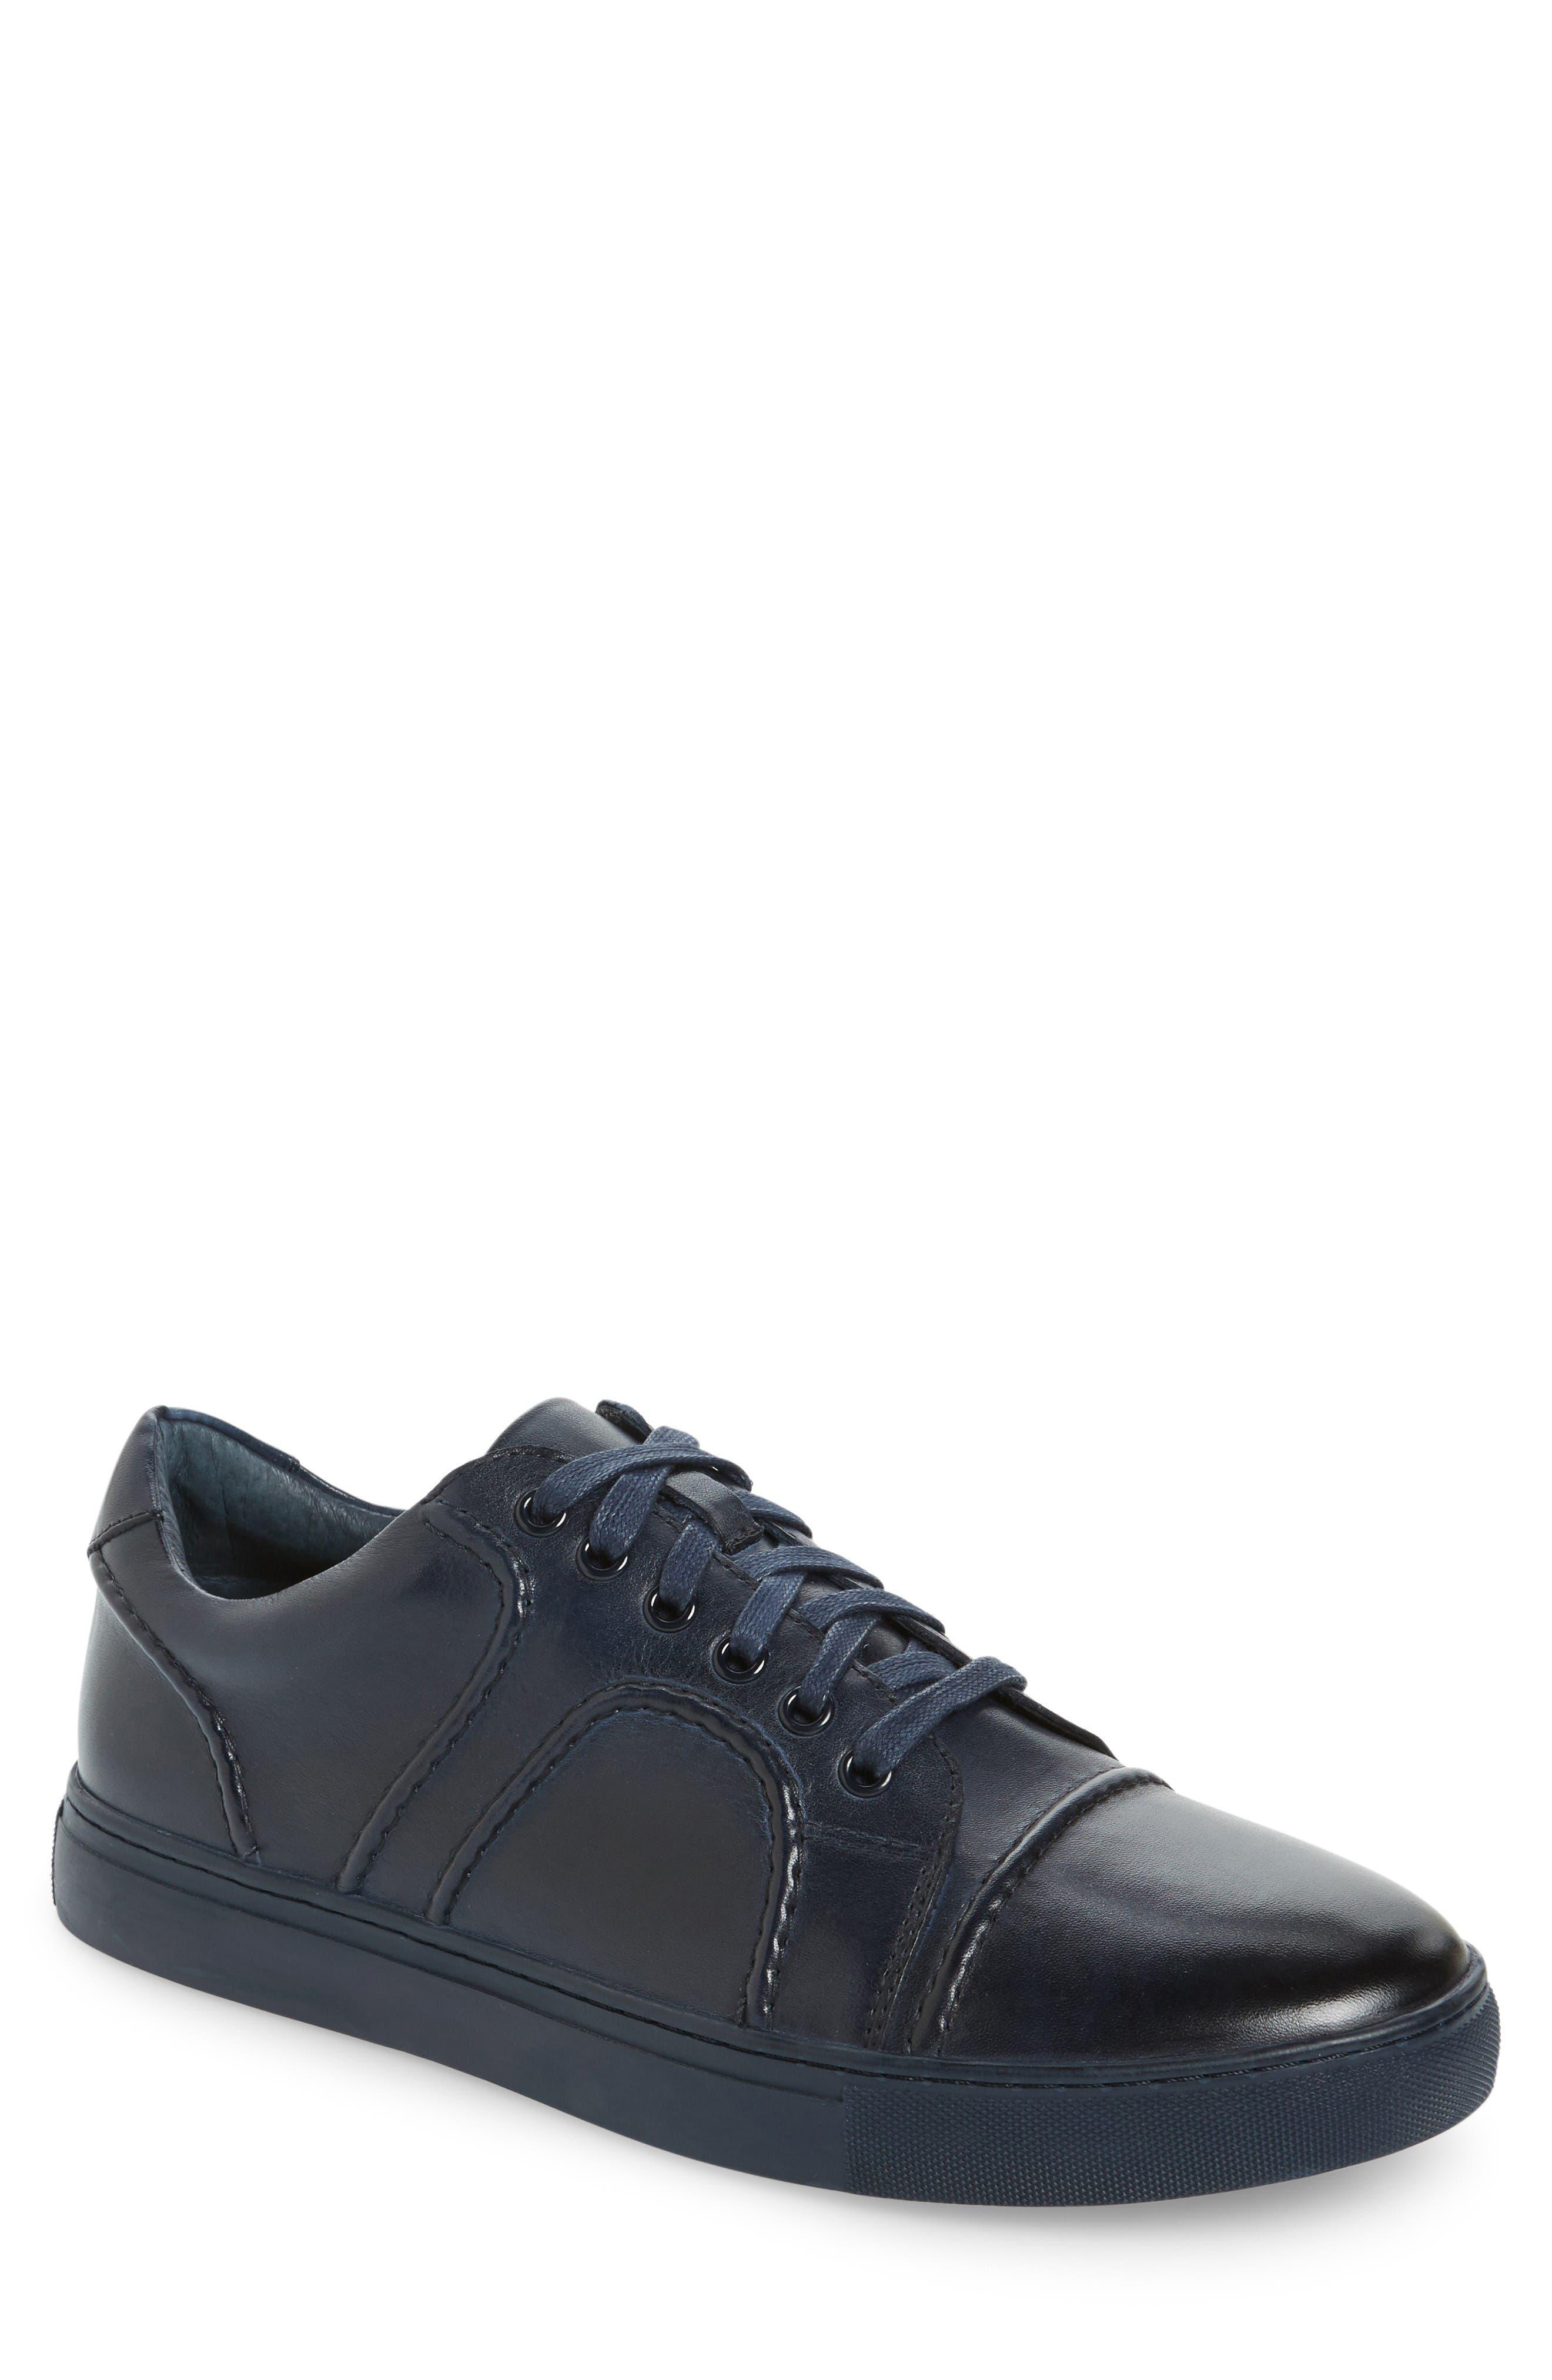 Main Image - Zanzara 'Echo' Sneaker (Men)